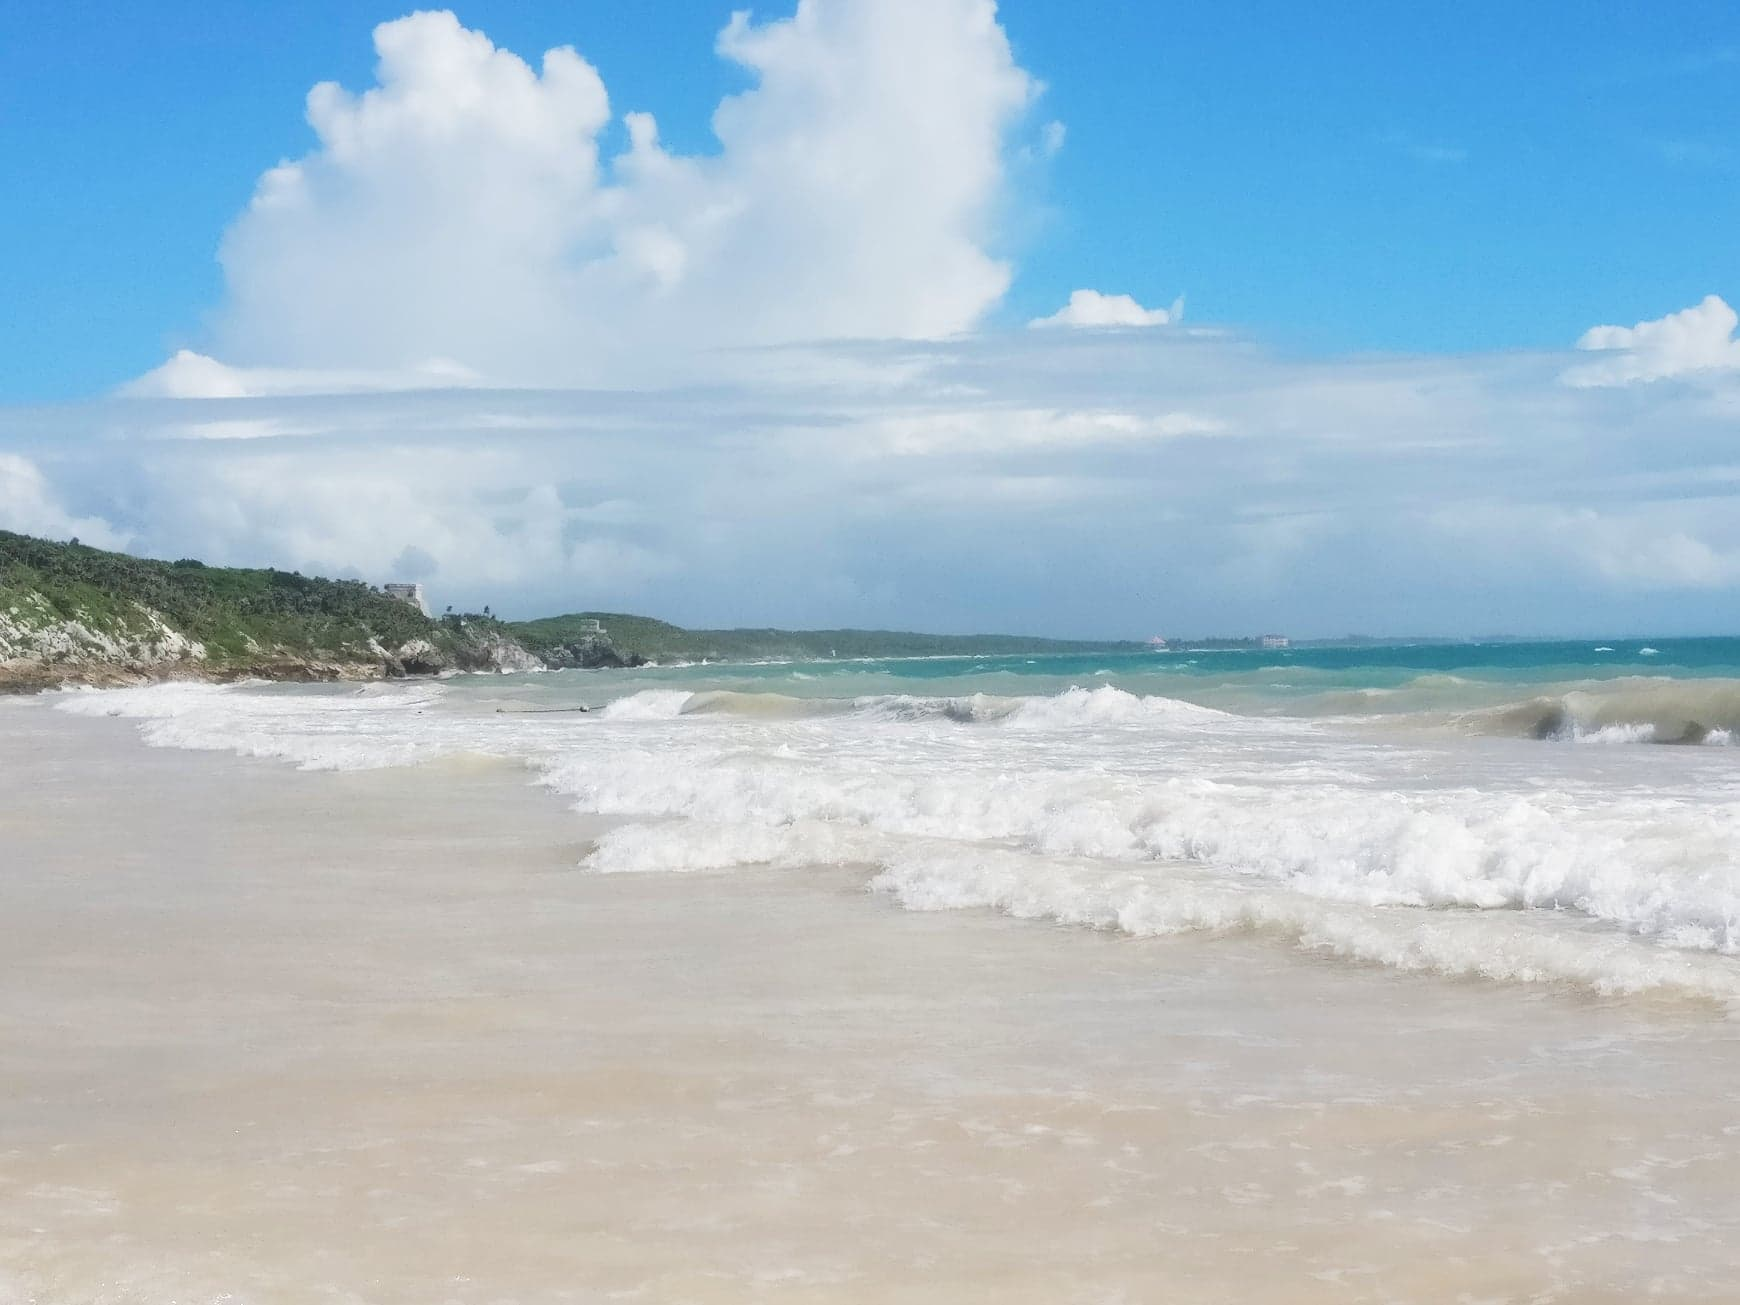 playa pescadores, tulum, mexico